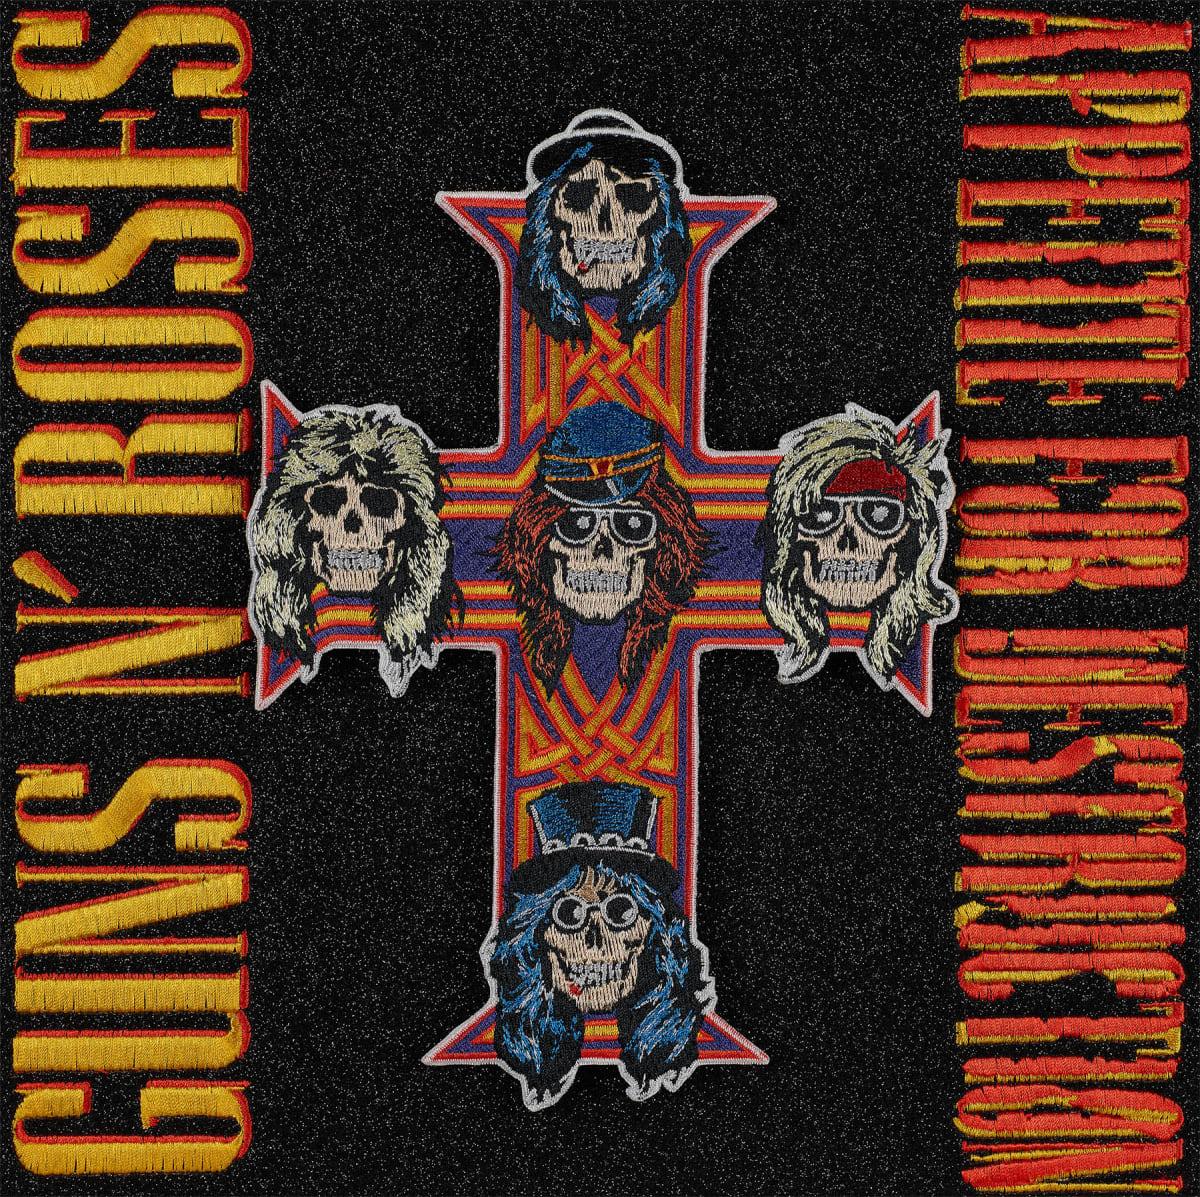 Stephen Wilson, Appetite for Destruction, Guns N' Roses , 2019